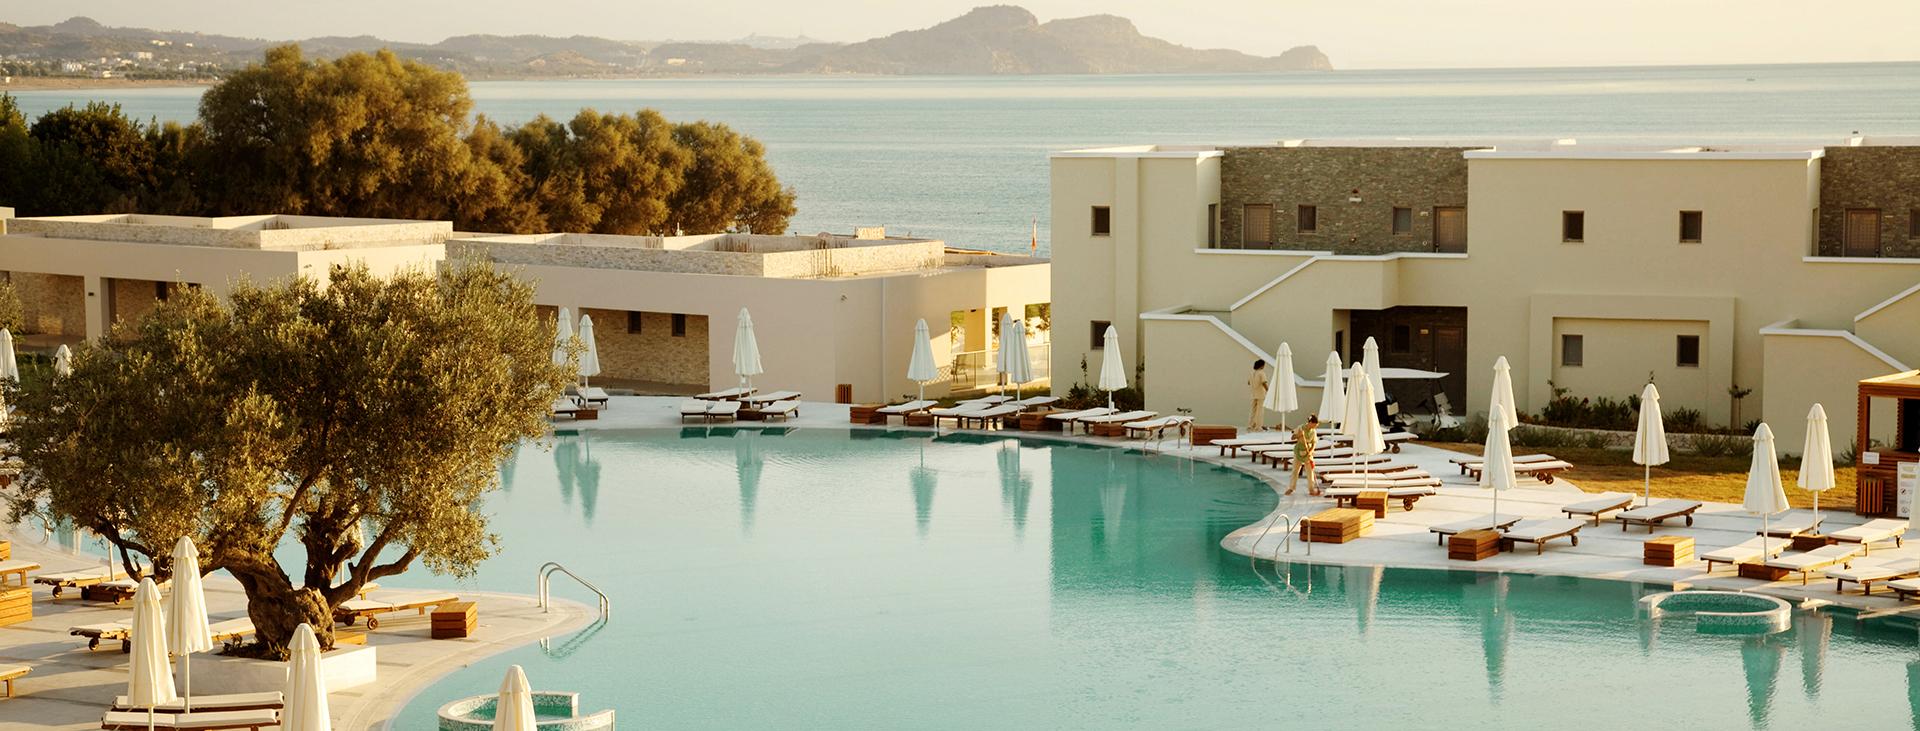 Port Royal Villas & Spa, Kolymbia, Rhodos, Grekland